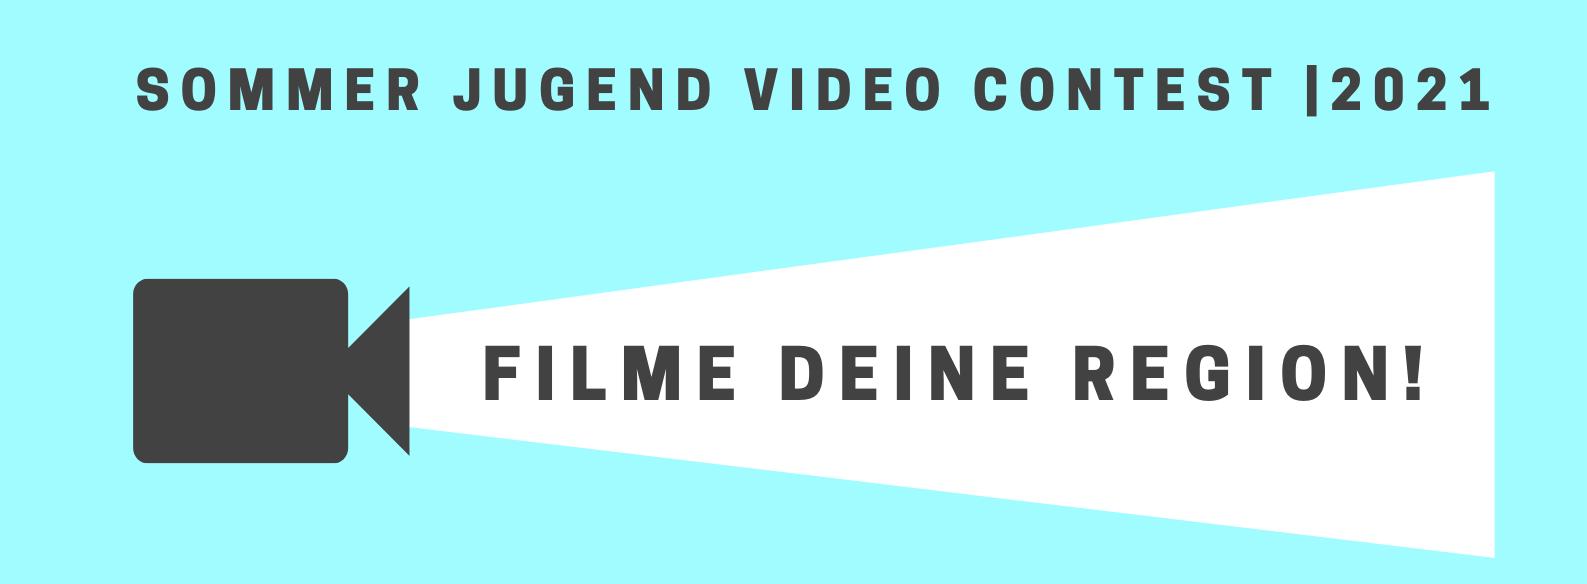 Filme deine Region!_Web